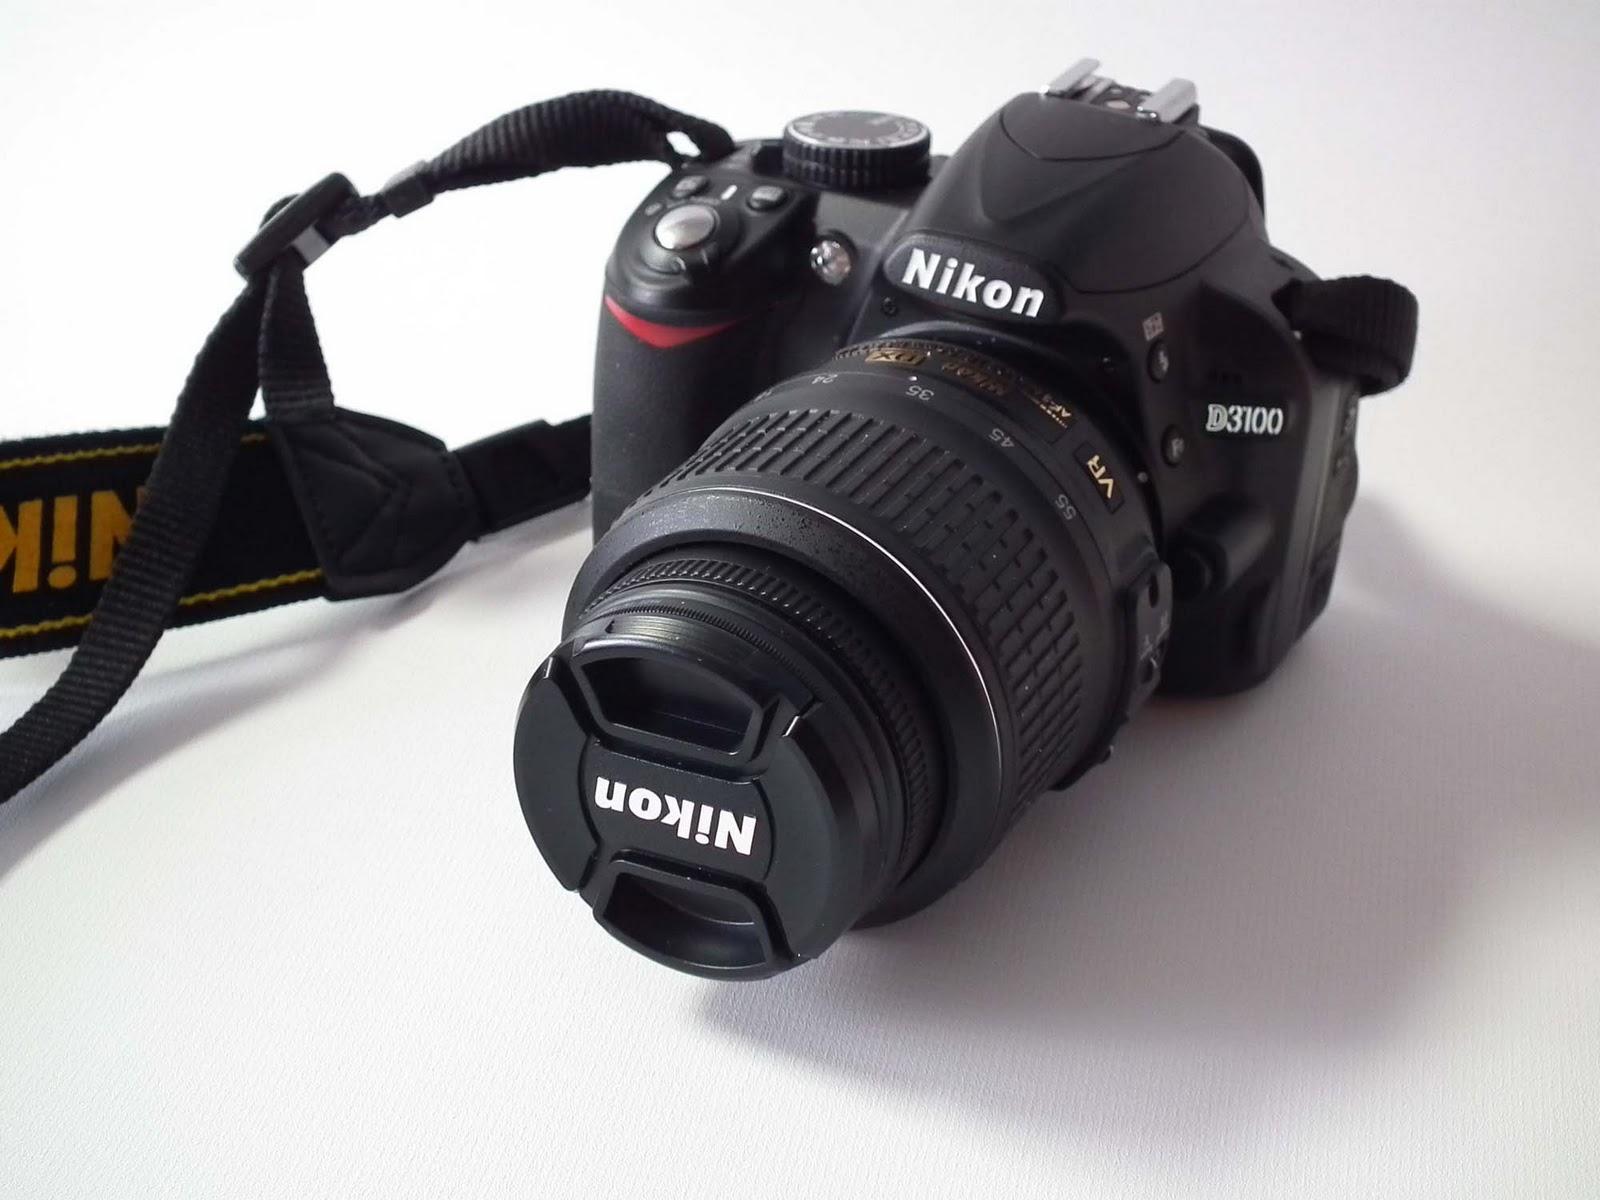 Como aprender a tomar fotos? - D3100 - Comunidad Nikonistas 83